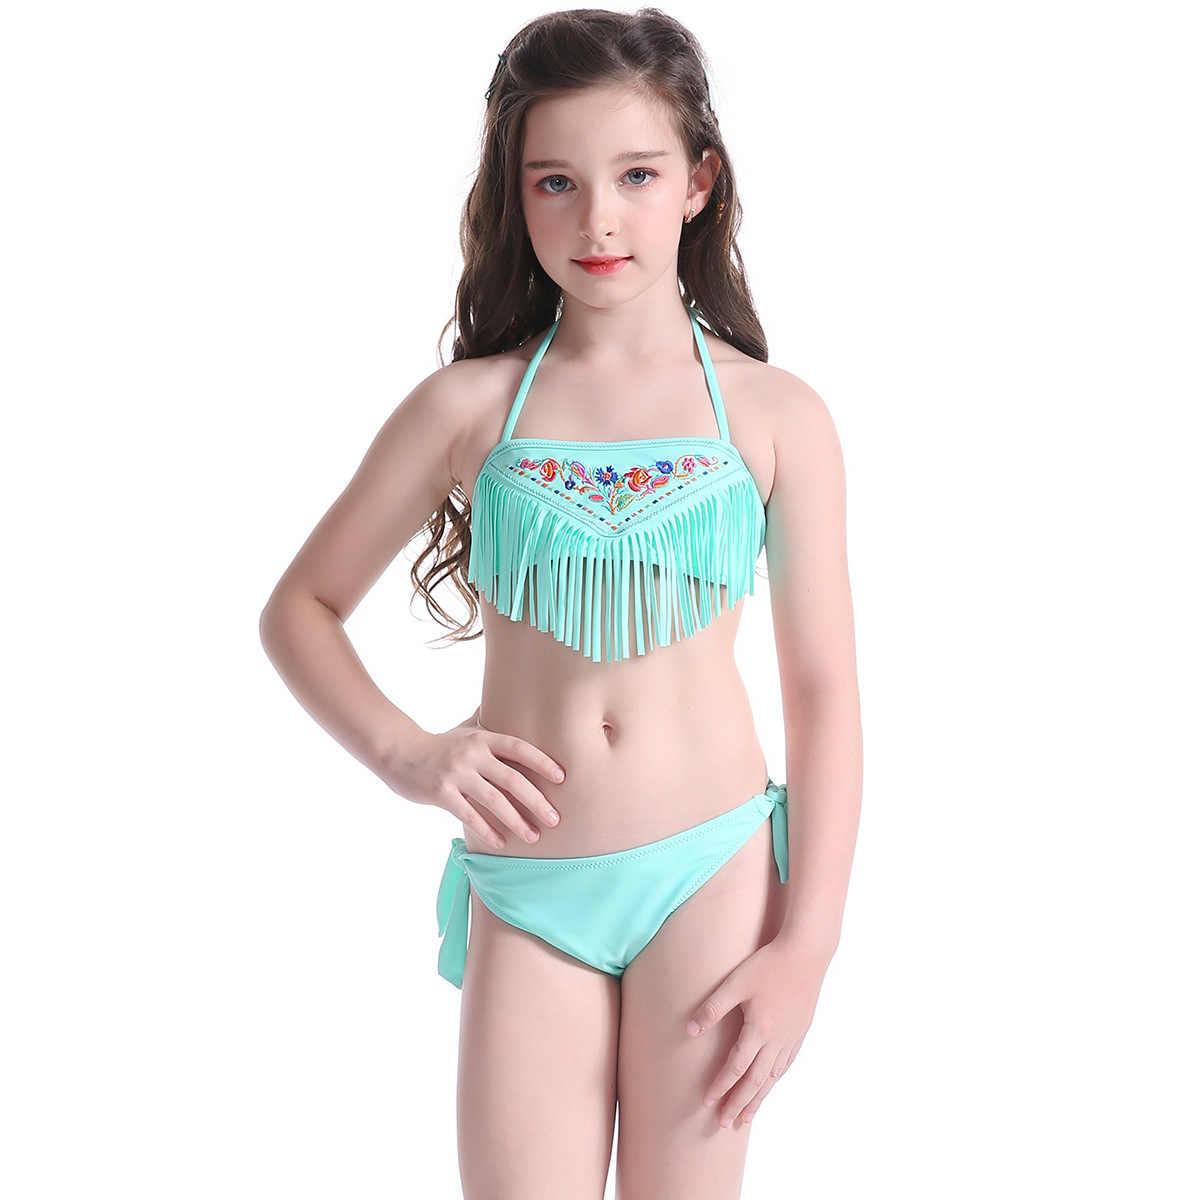 26dd5c7151d39 Обувь для девочек кисточкой бикини Детский купальник вышивать Цветочные  Трусики бикини Наборы для ухода за кожей